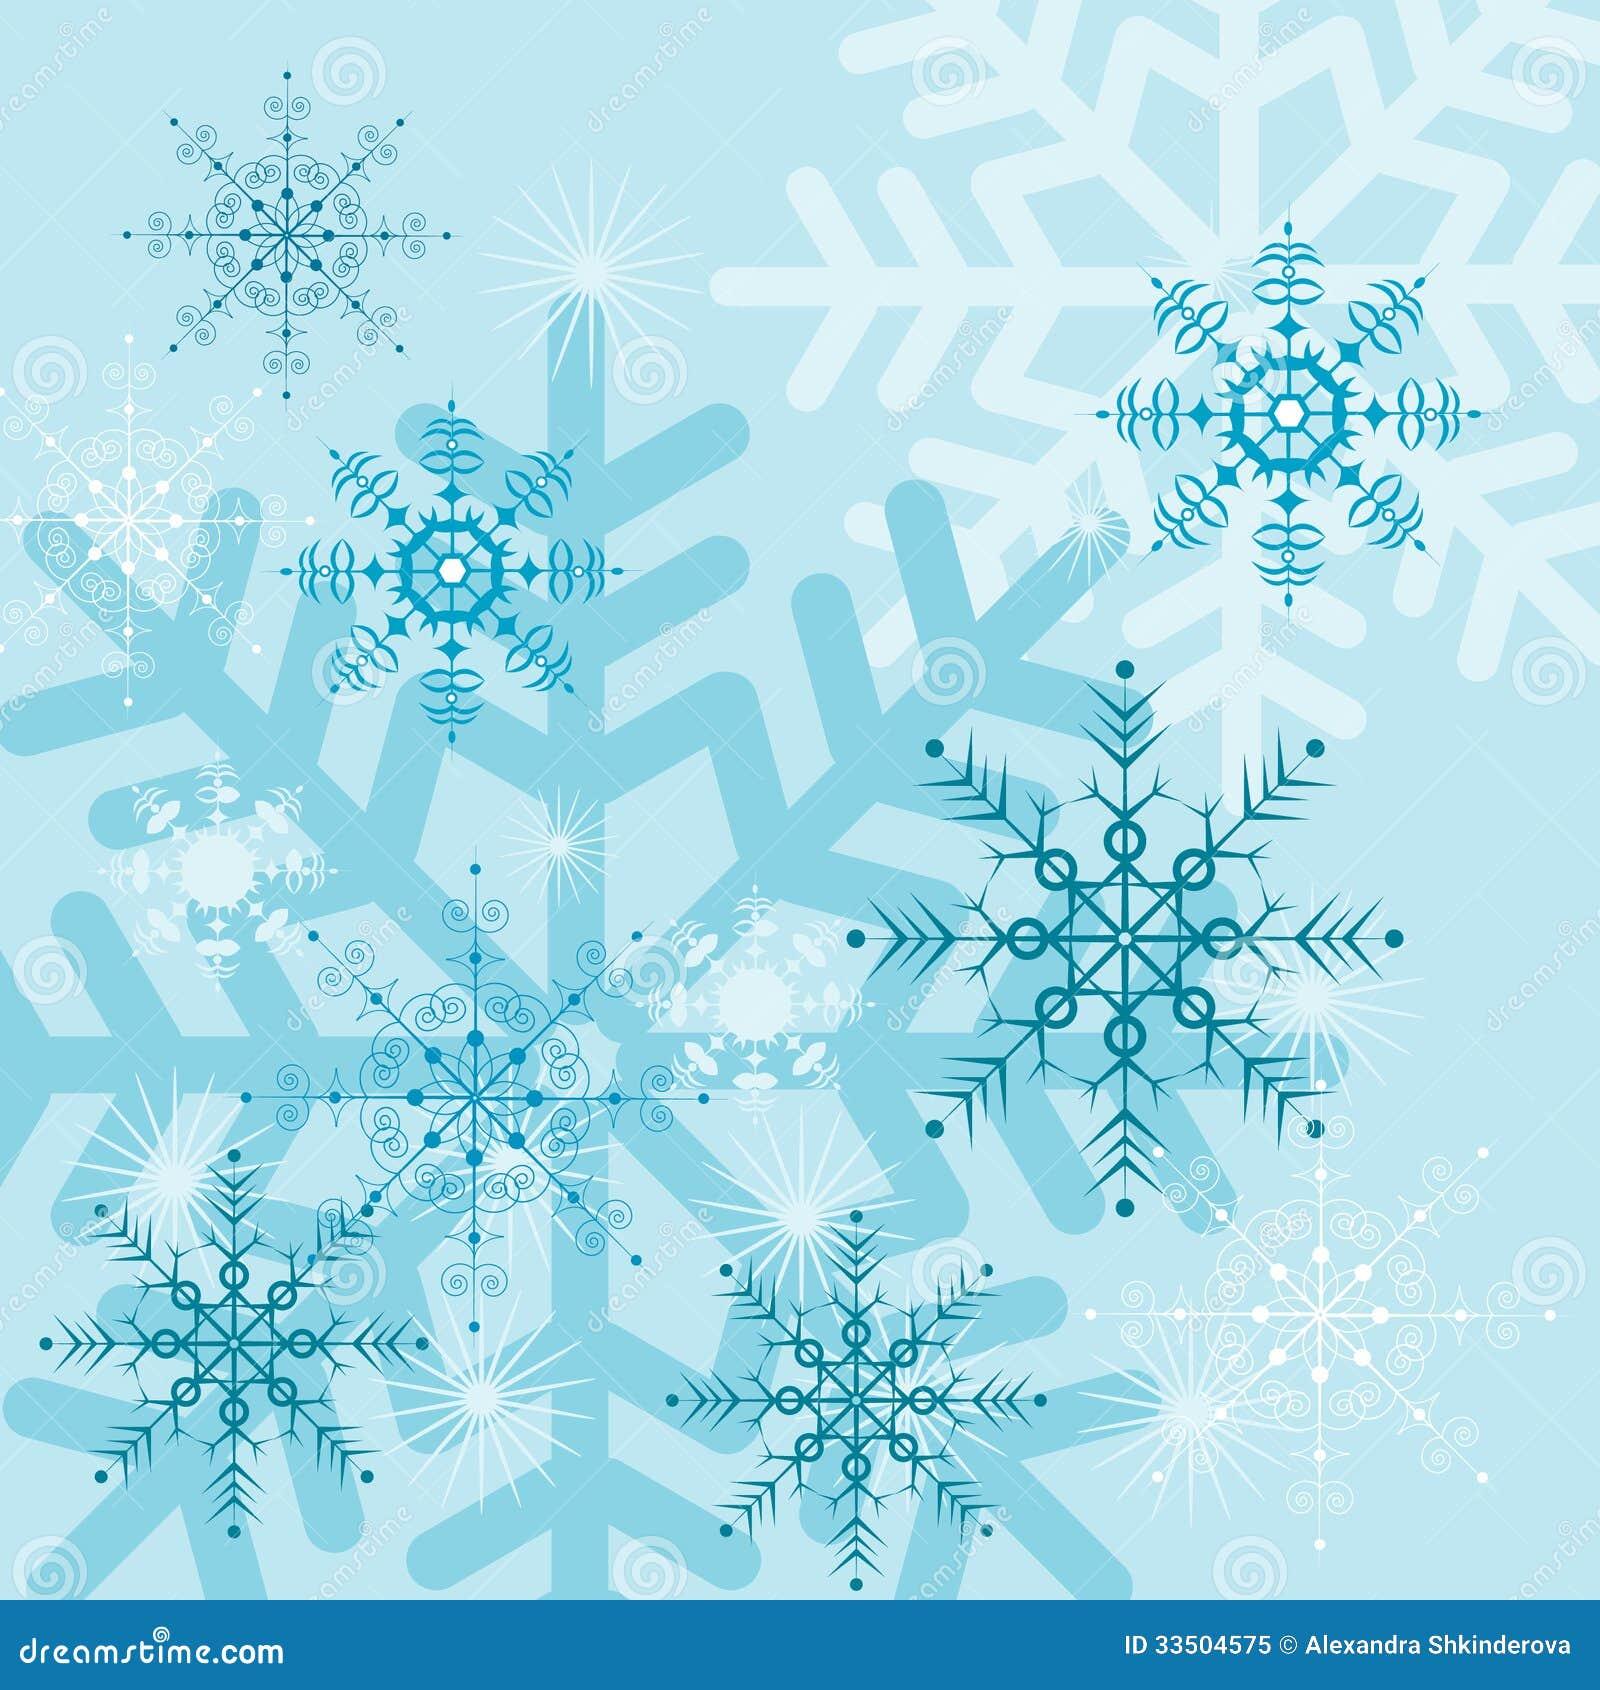 Hintergründe Mit Schneeflocken Vektor Abbildung - Illustration von ...